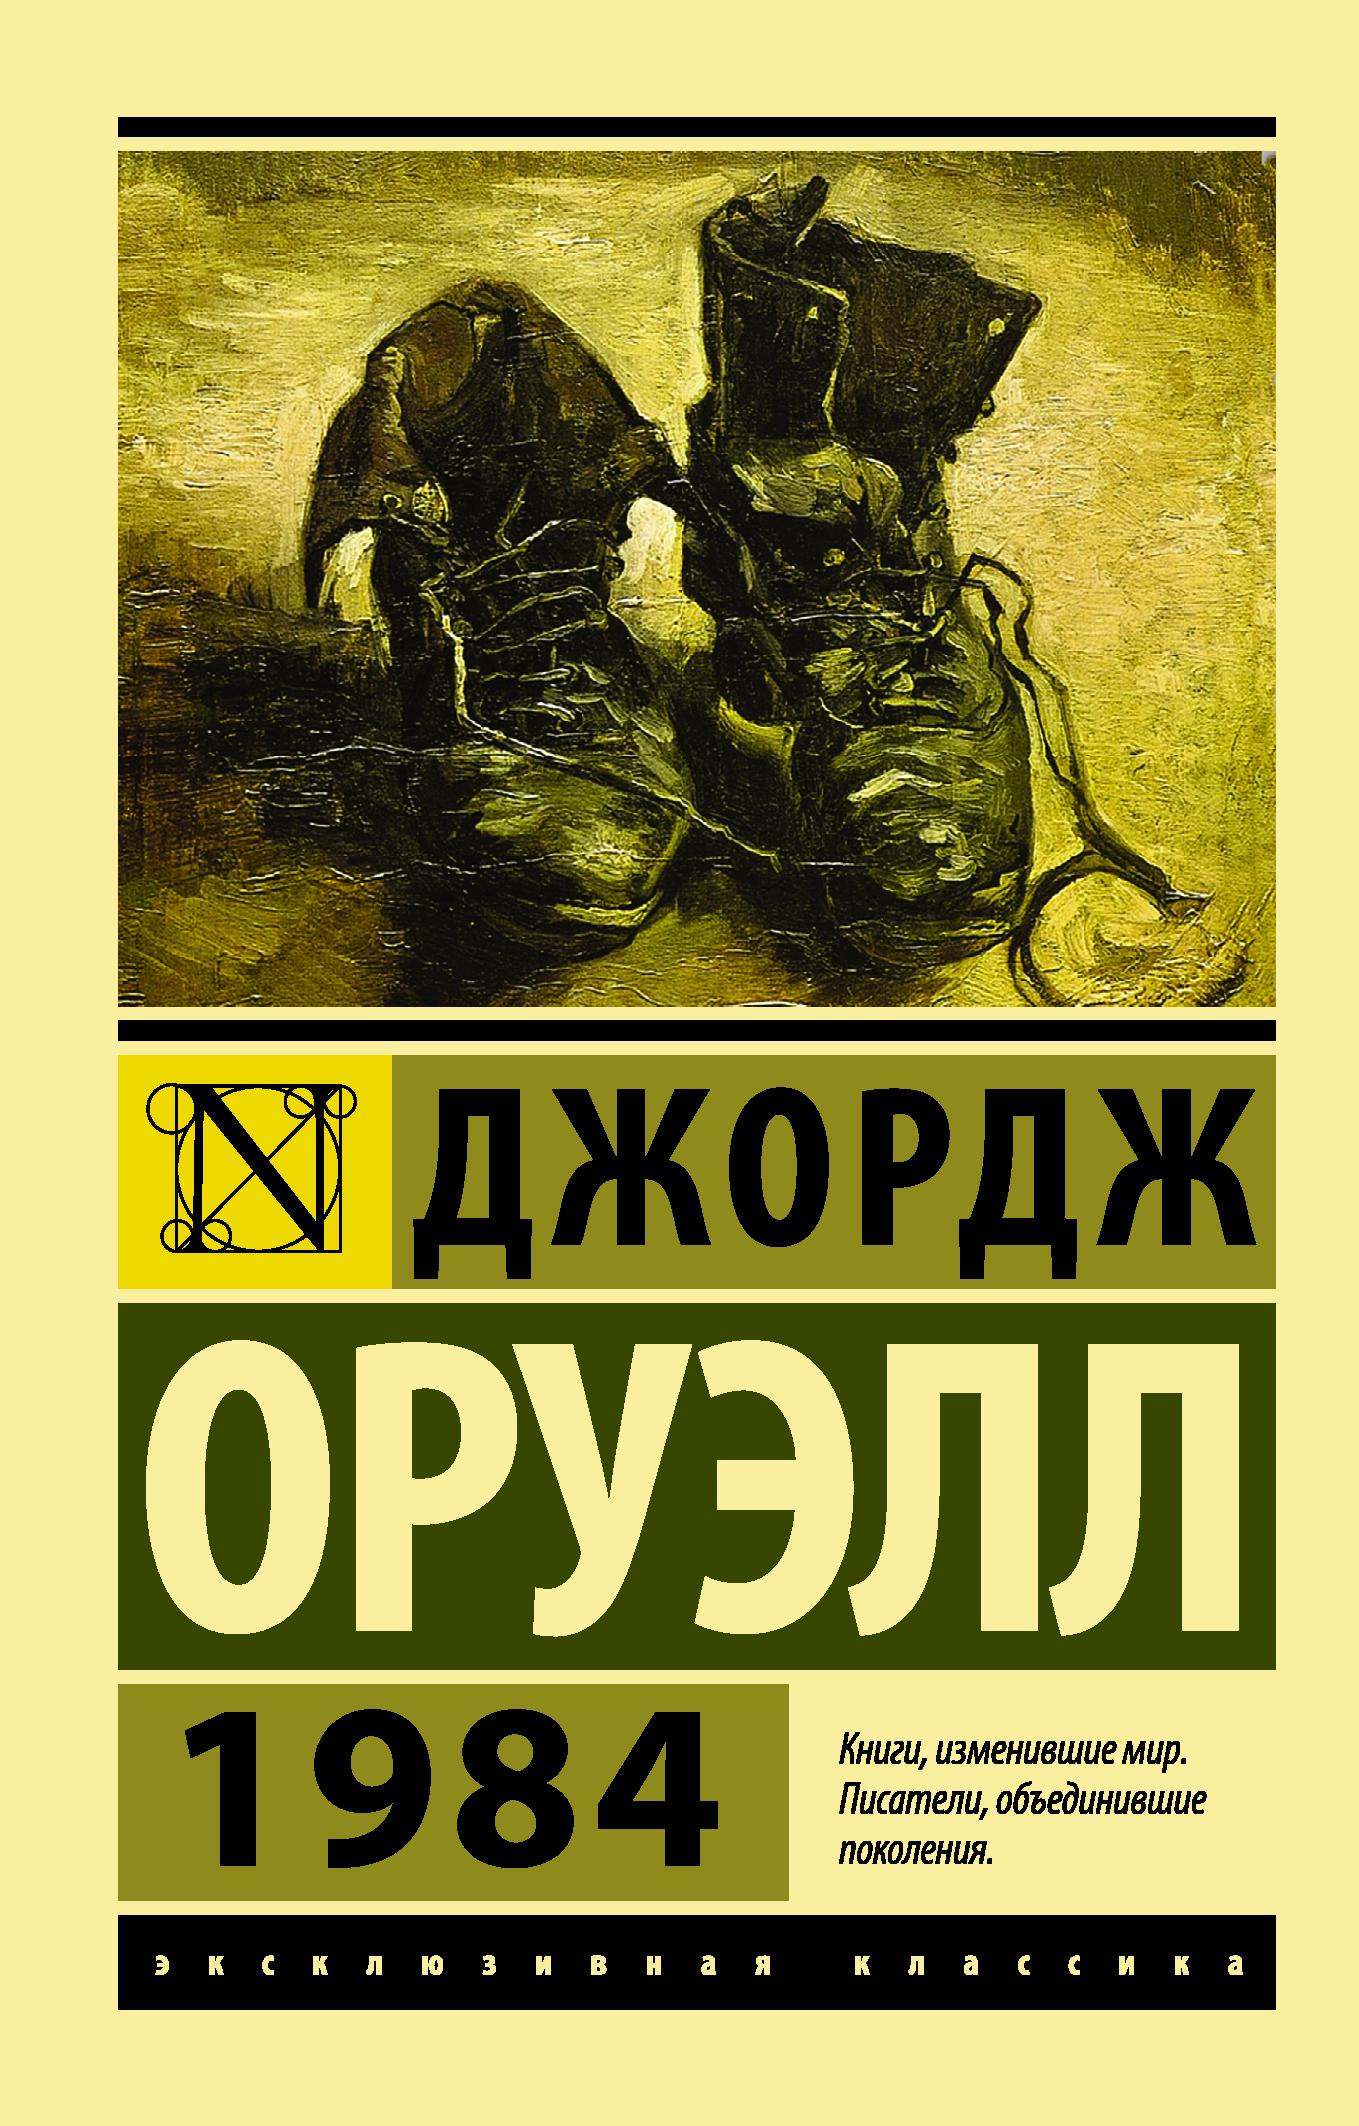 1984 ( Оруэлл Джордж  )